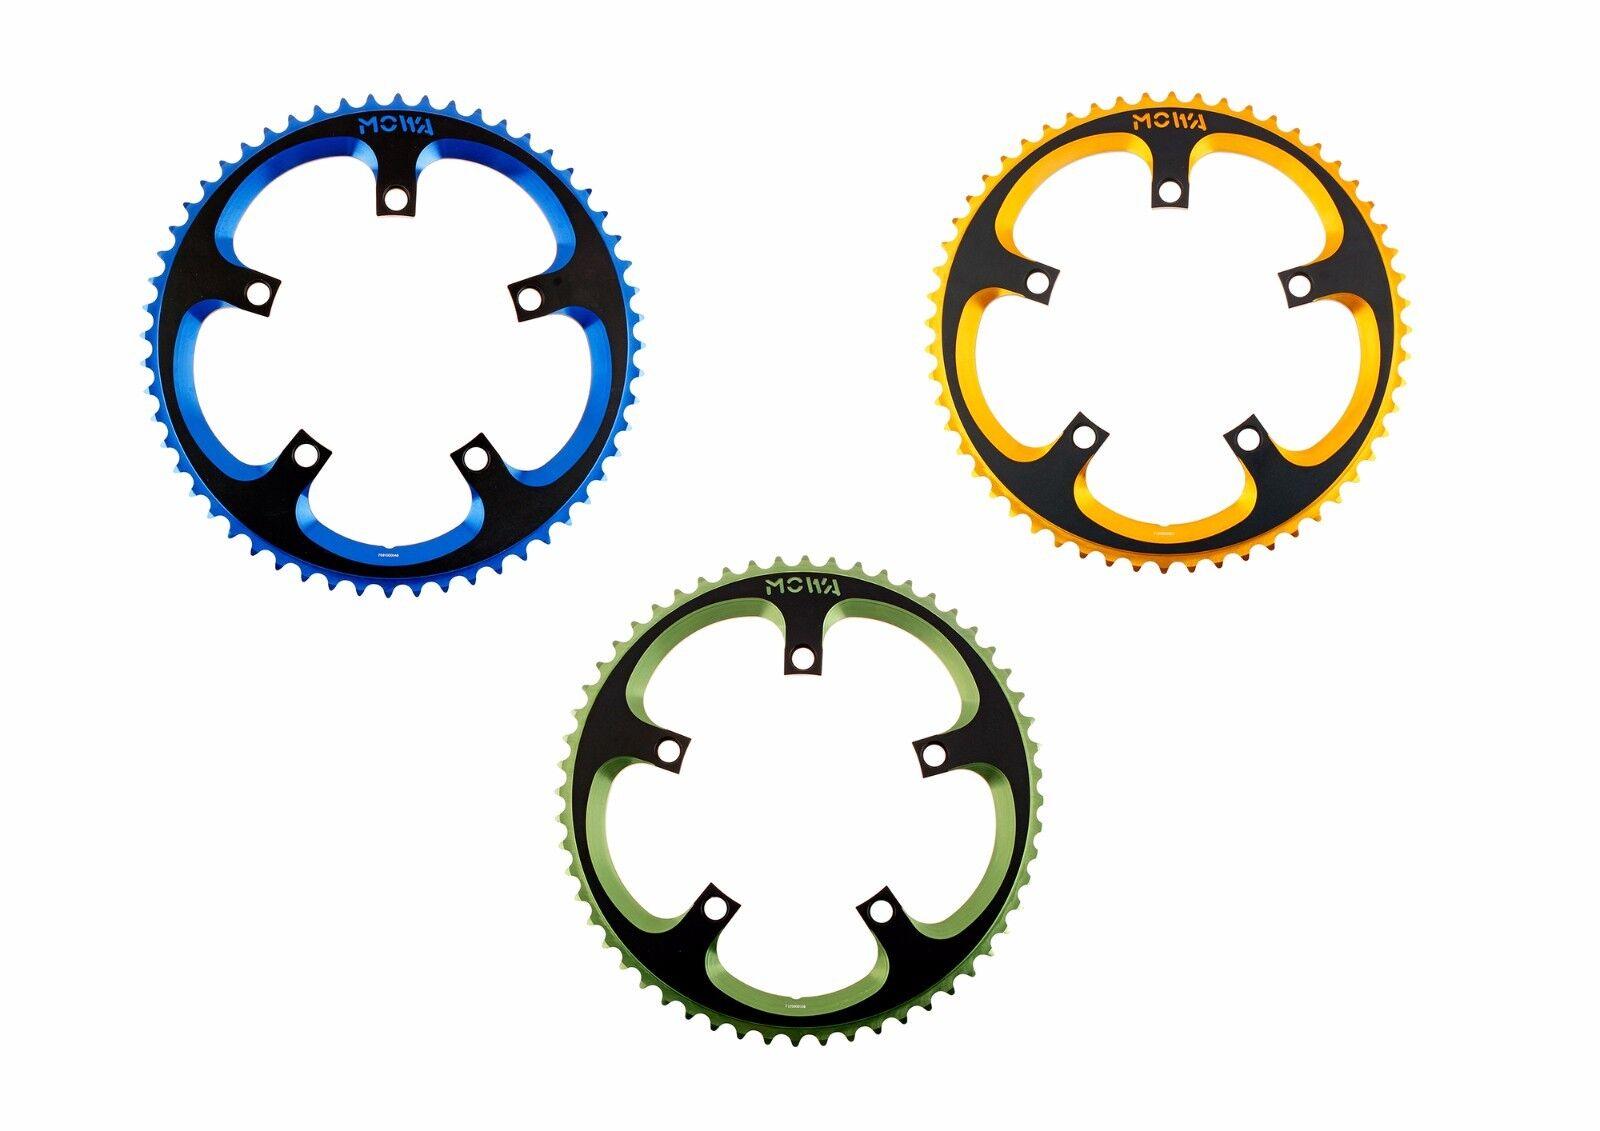 MOWA Plateau Vélo Route 56dts coloré CX Bicyclette Cyclisme Chainring 9v 10v